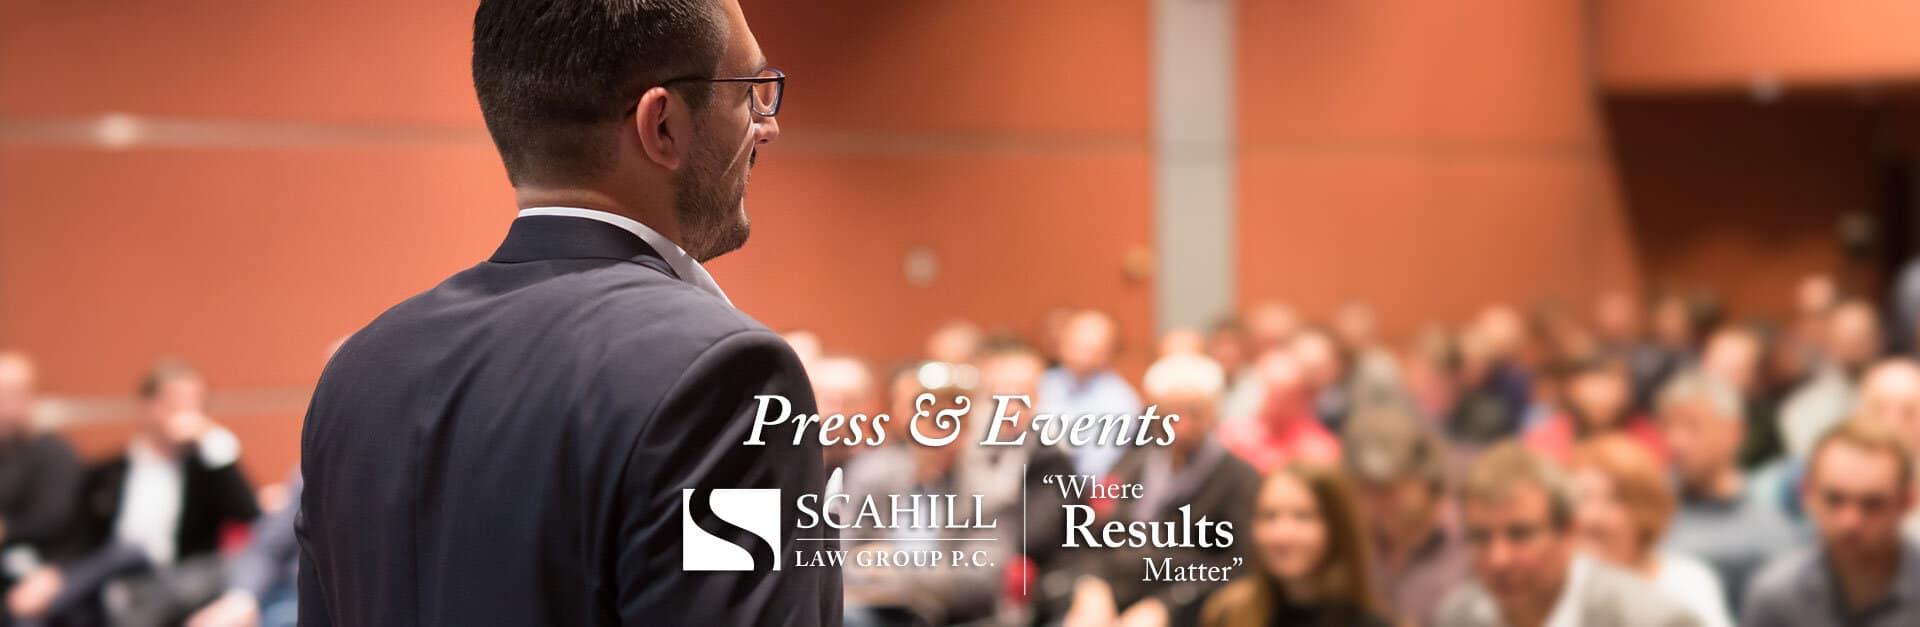 Press & Events